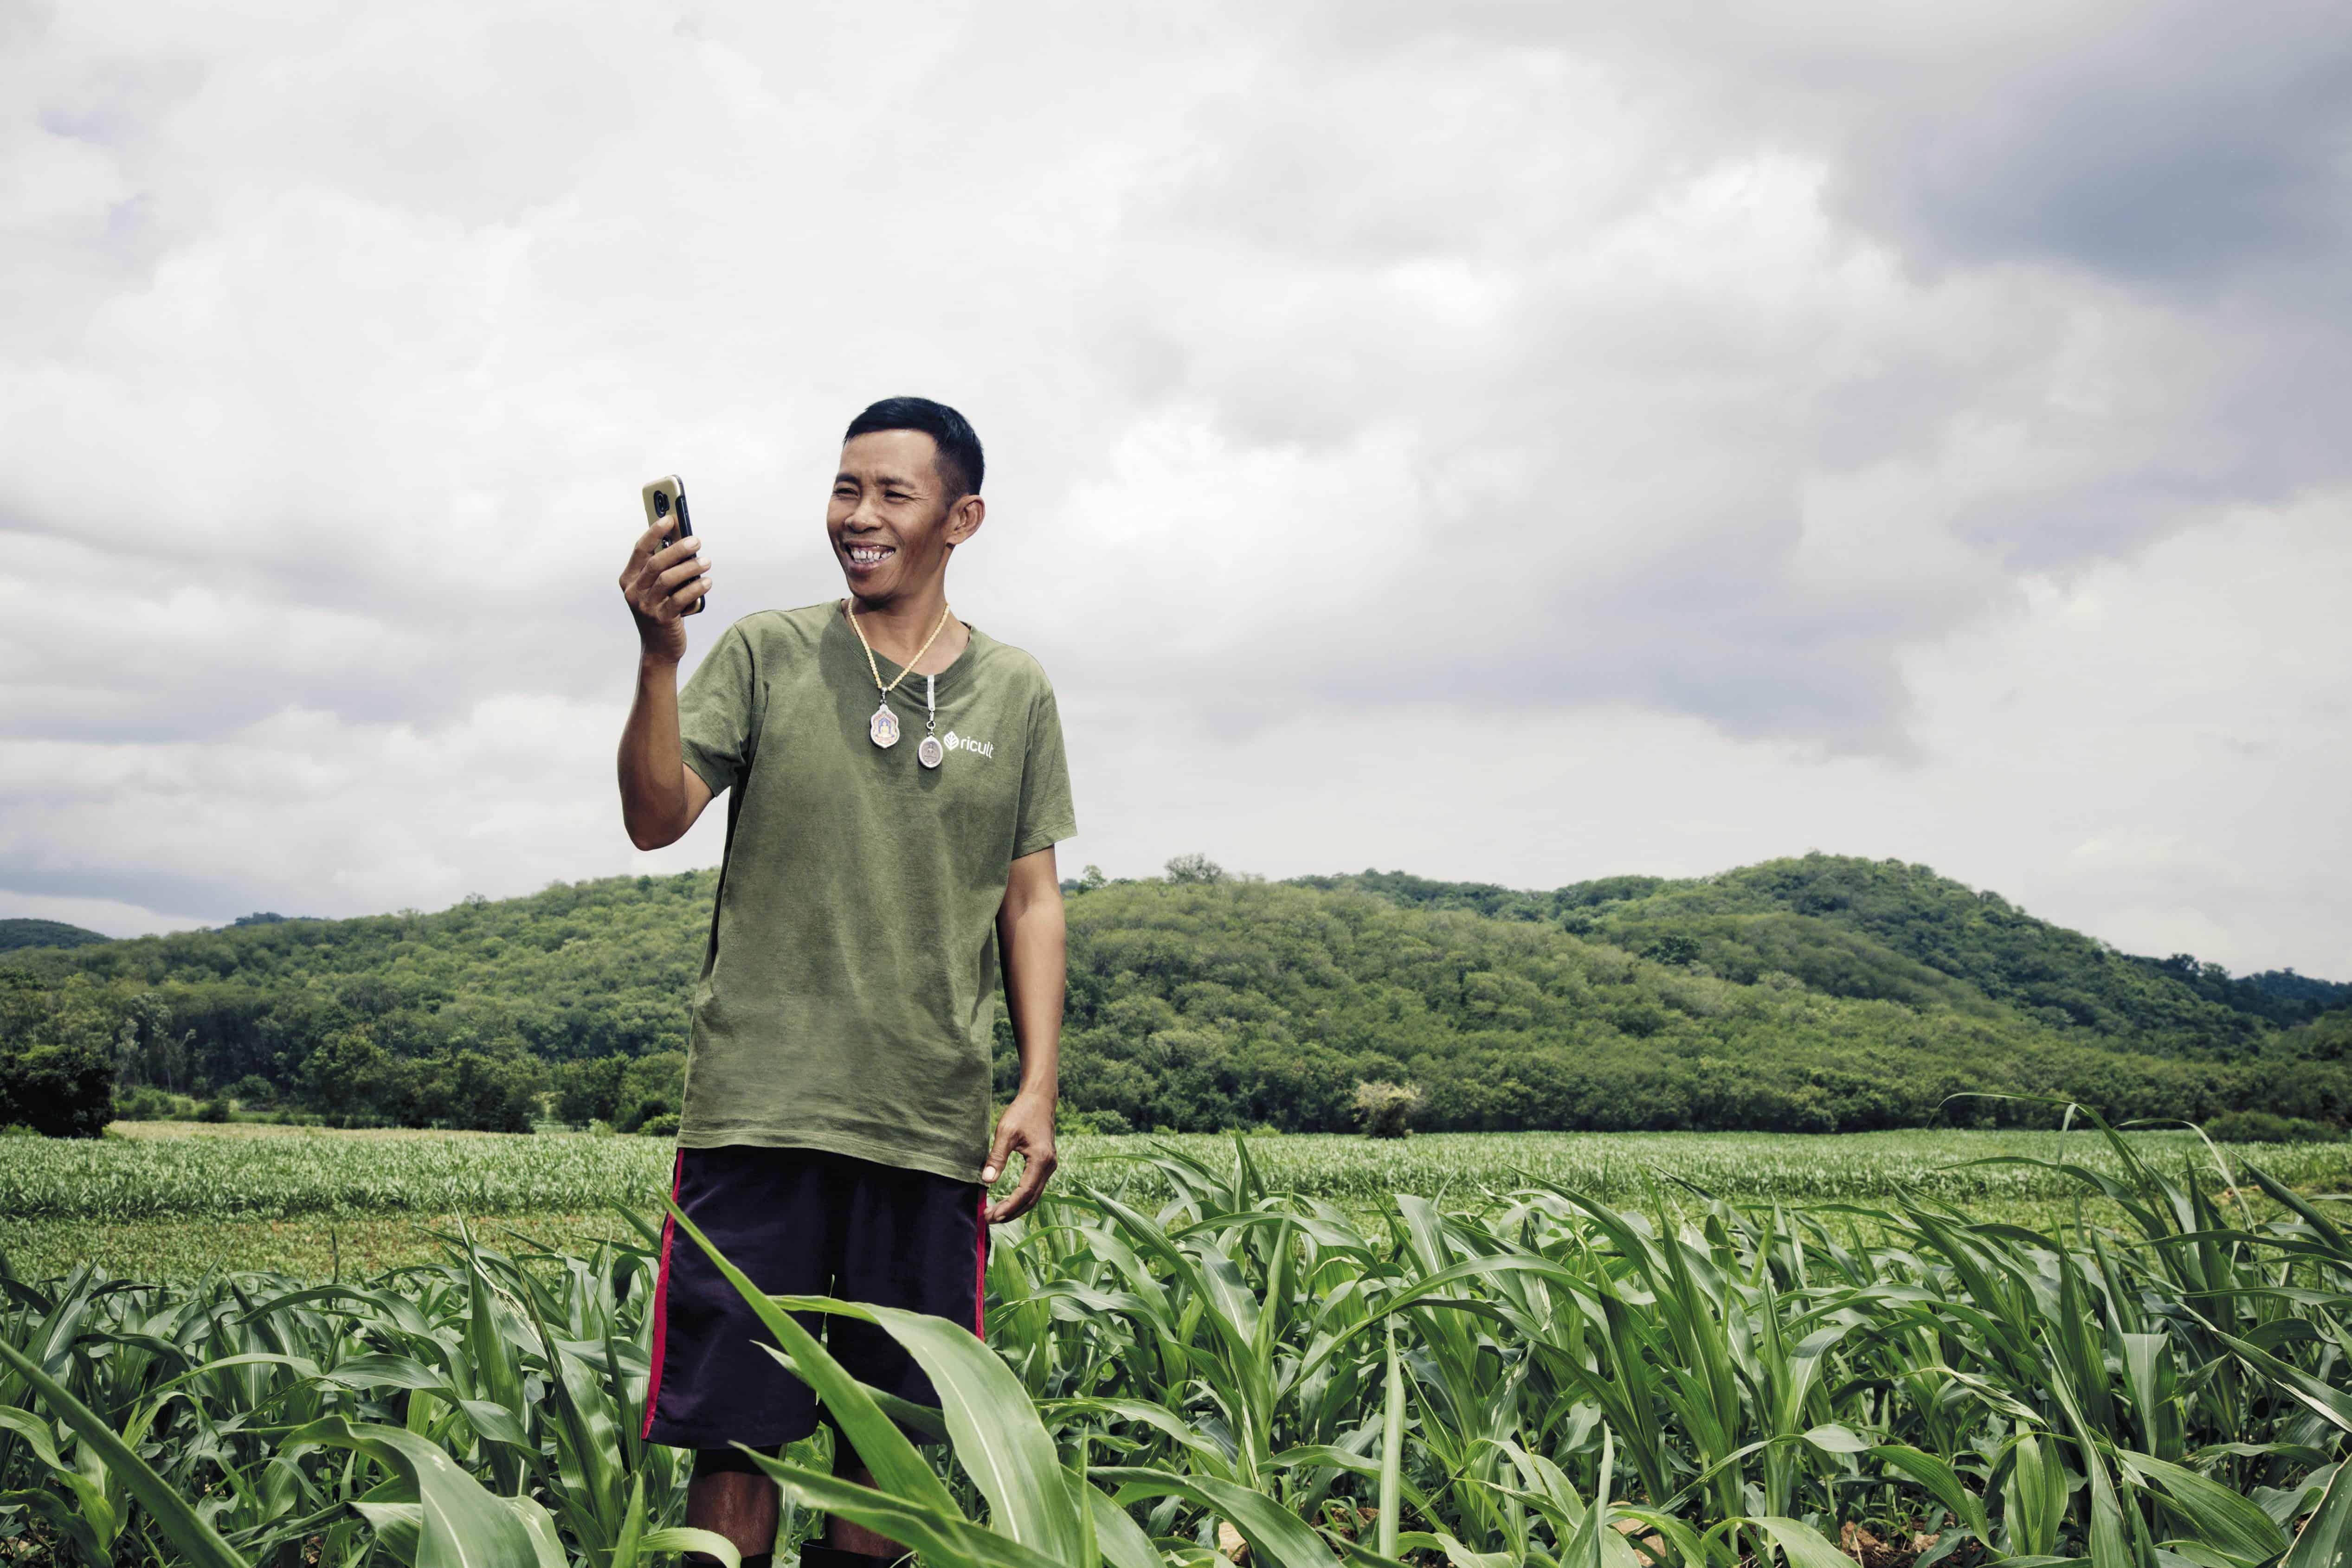 """ดีแทค จับมือ รีคัลท์ ร่วมคาดการณ์ปริมาณน้ำฝนให้เกษตรกรไทย หวังเอาชนะภัยแล้ง ผ่านแอปพลิเคชัน """"ฟาร์มแม่นยำ"""""""